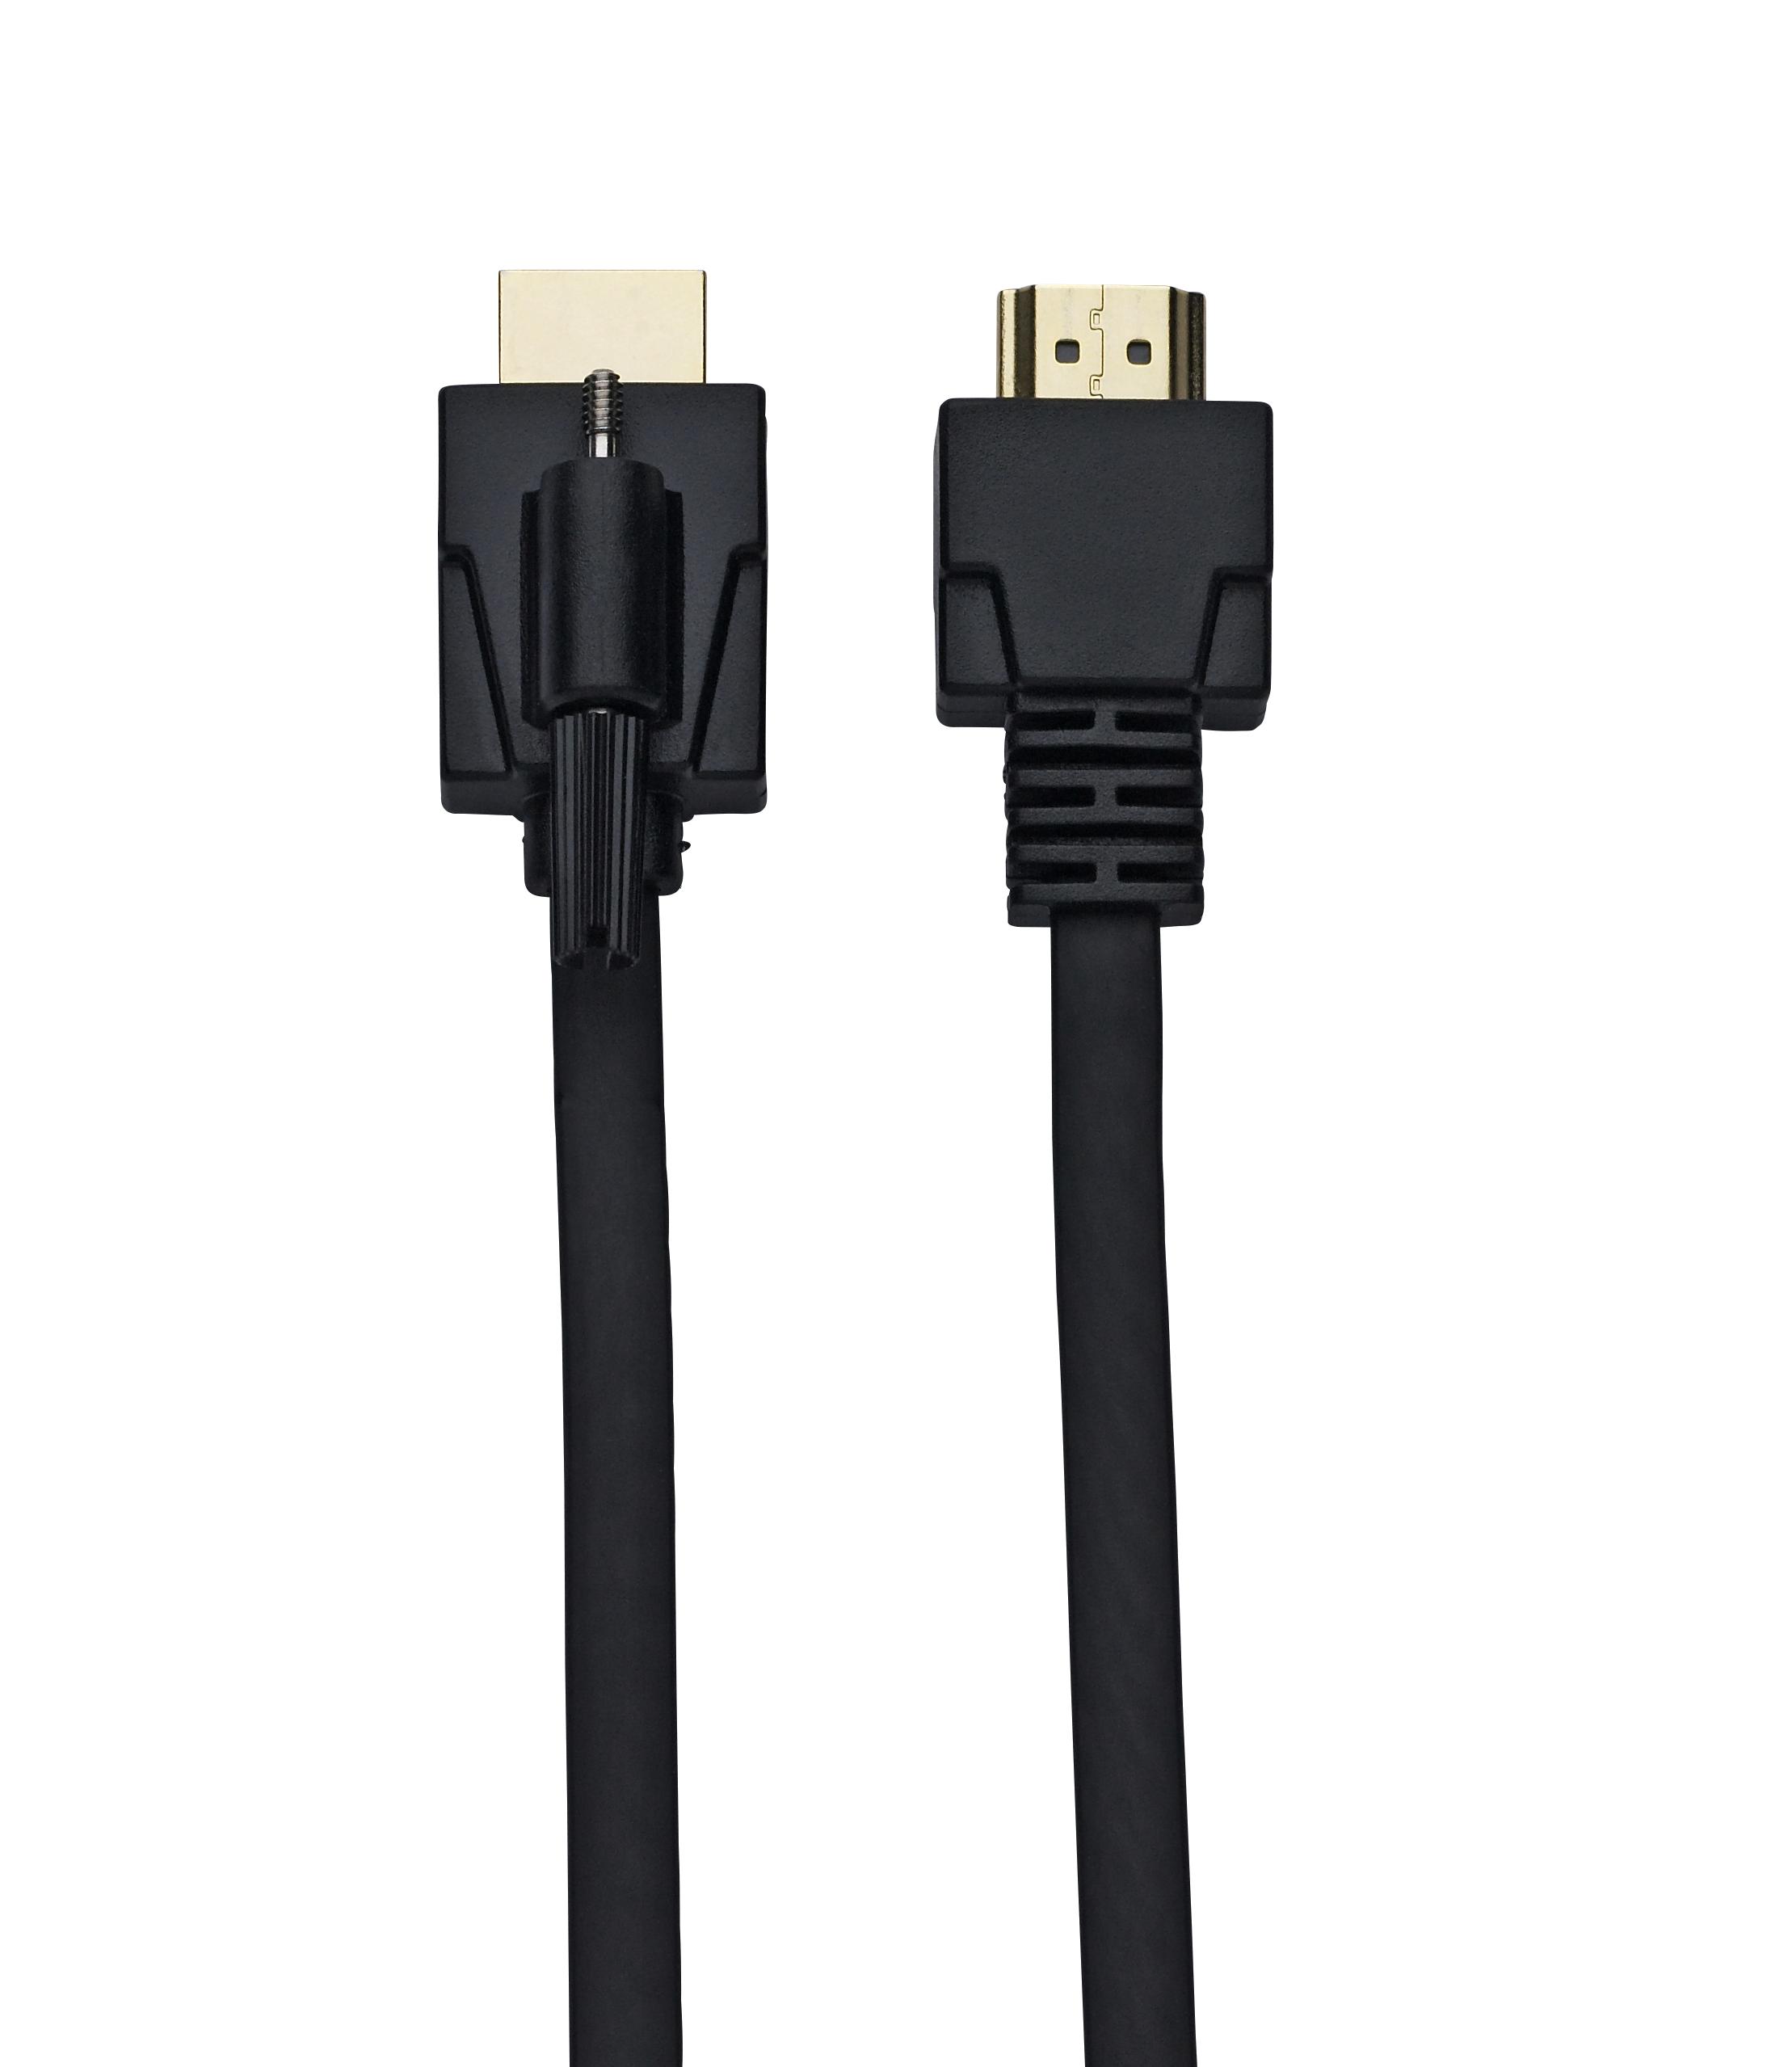 CBL-HDMI-FL - Connectors